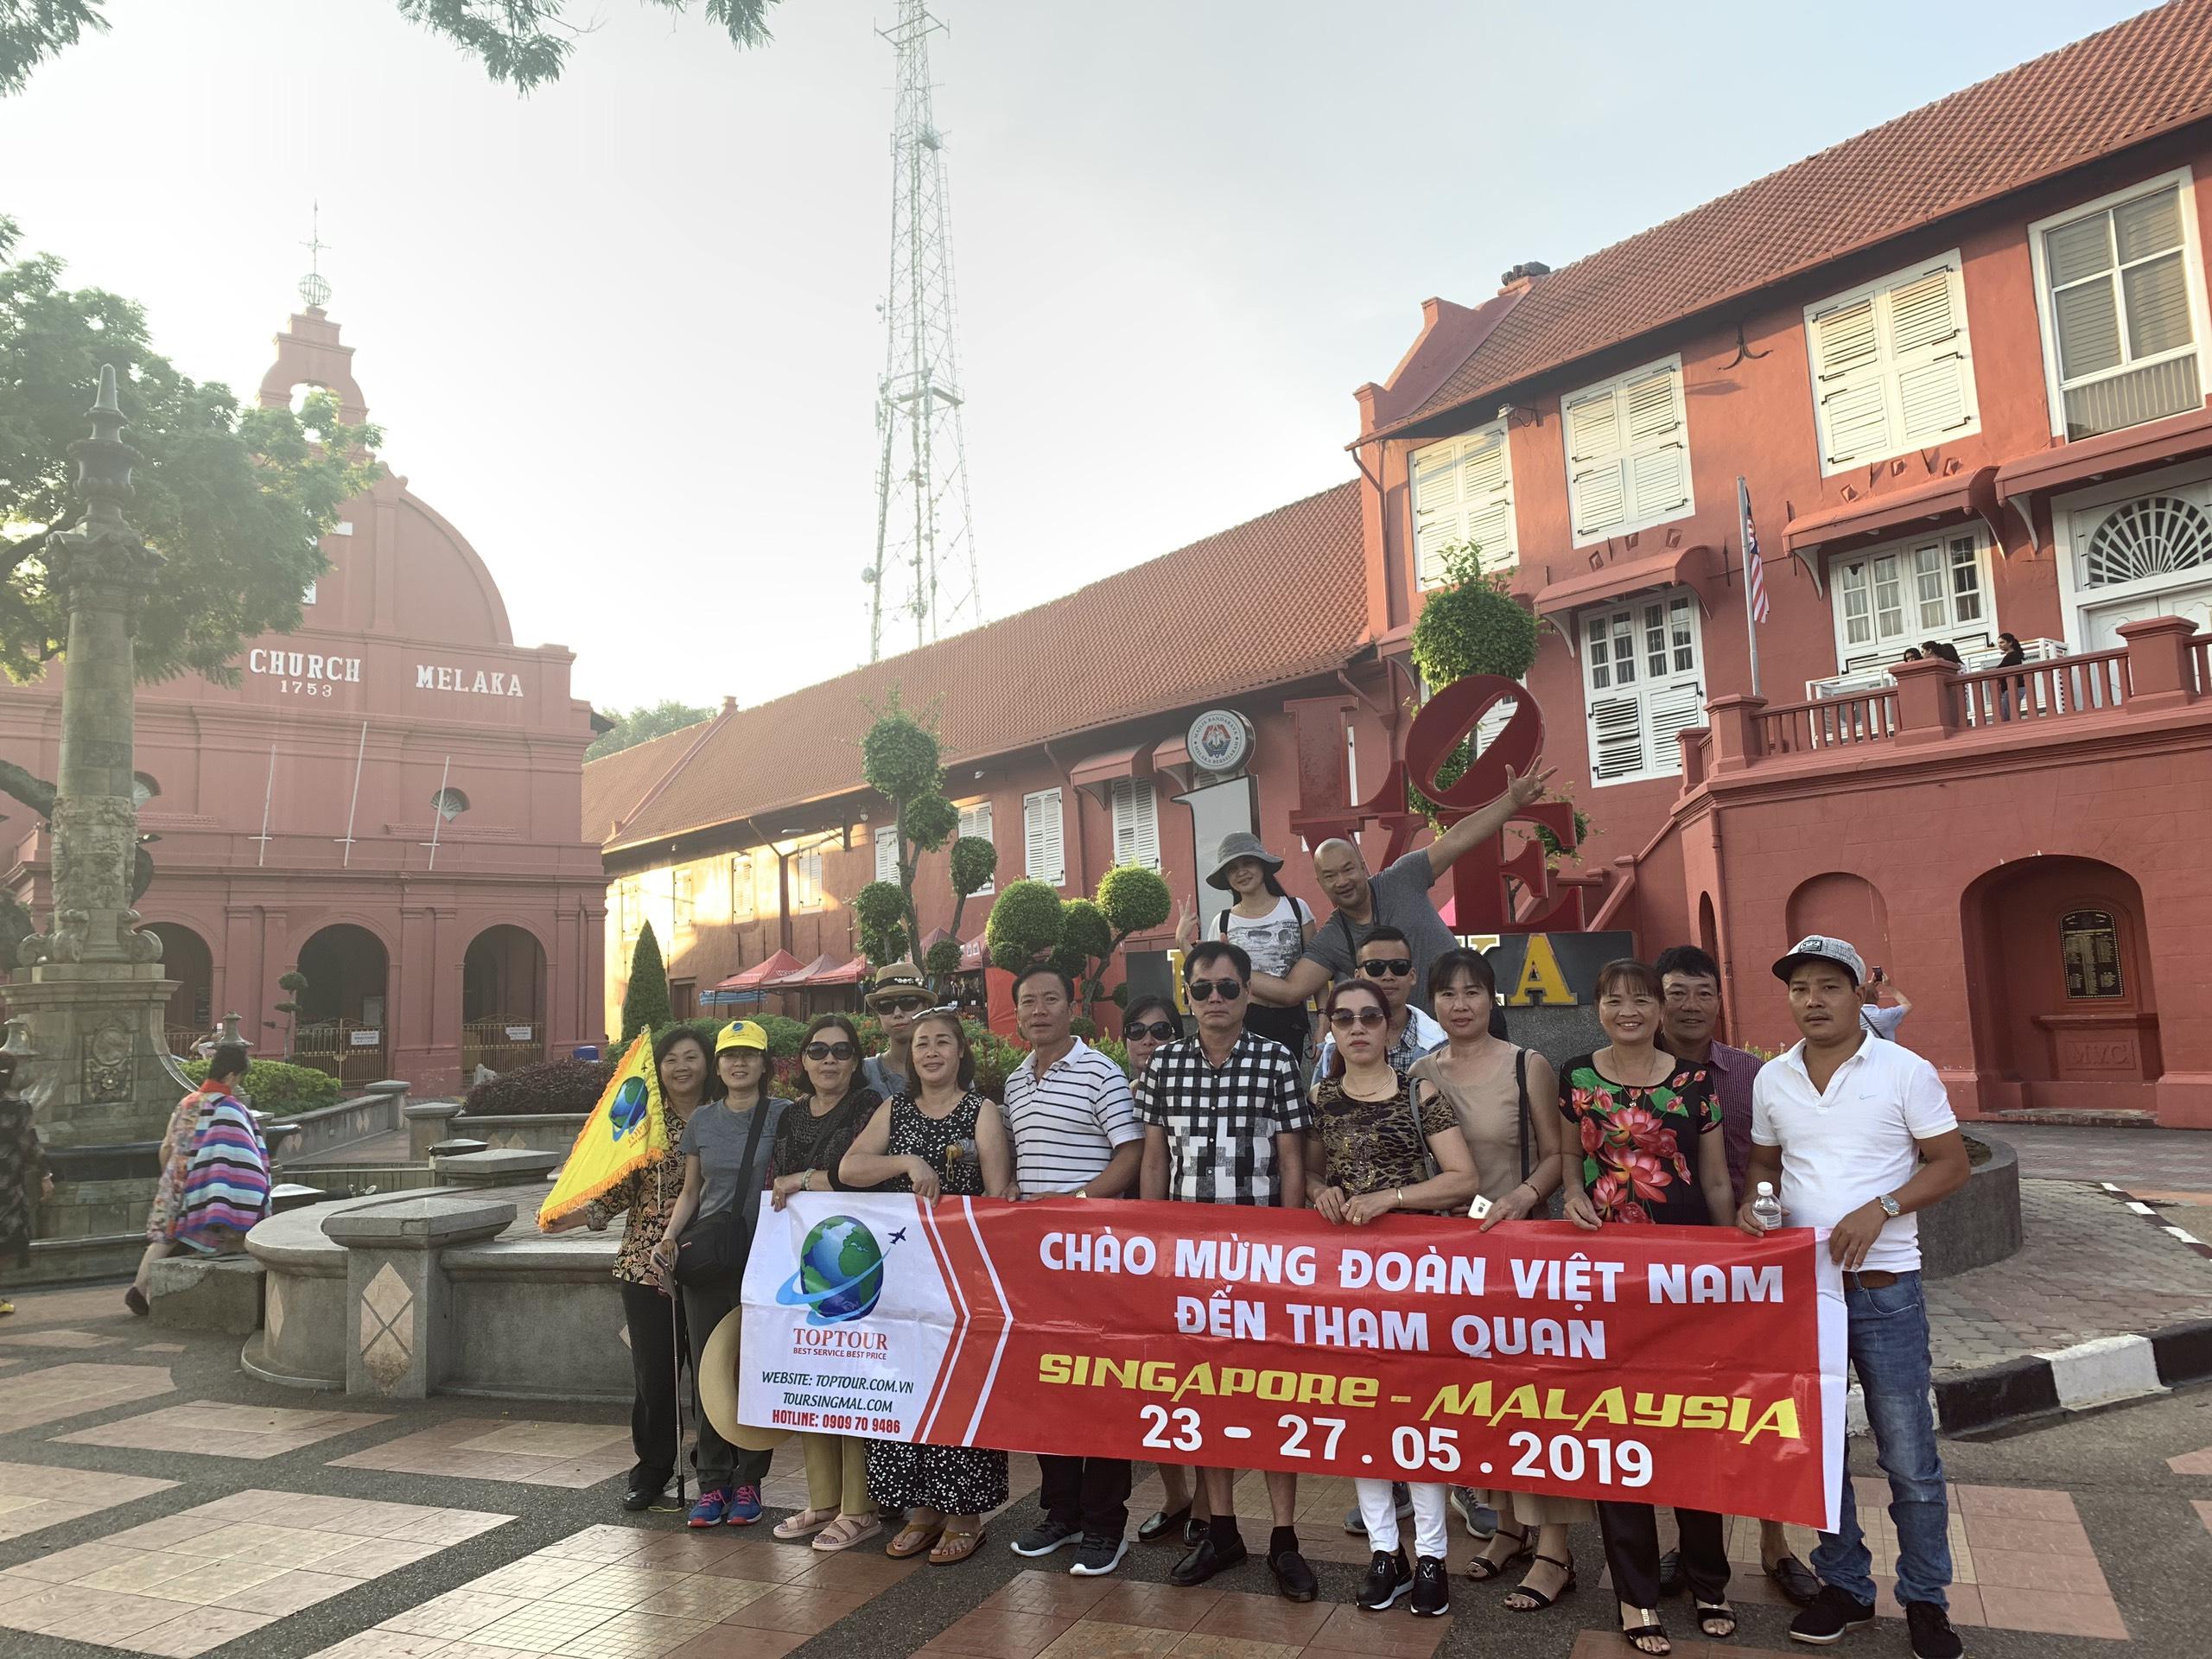 Giảm Giá Cực Sốc Tour Singapore Malaysia 5 ngày 4 đêm khỏi hành ngày 2.6.2019